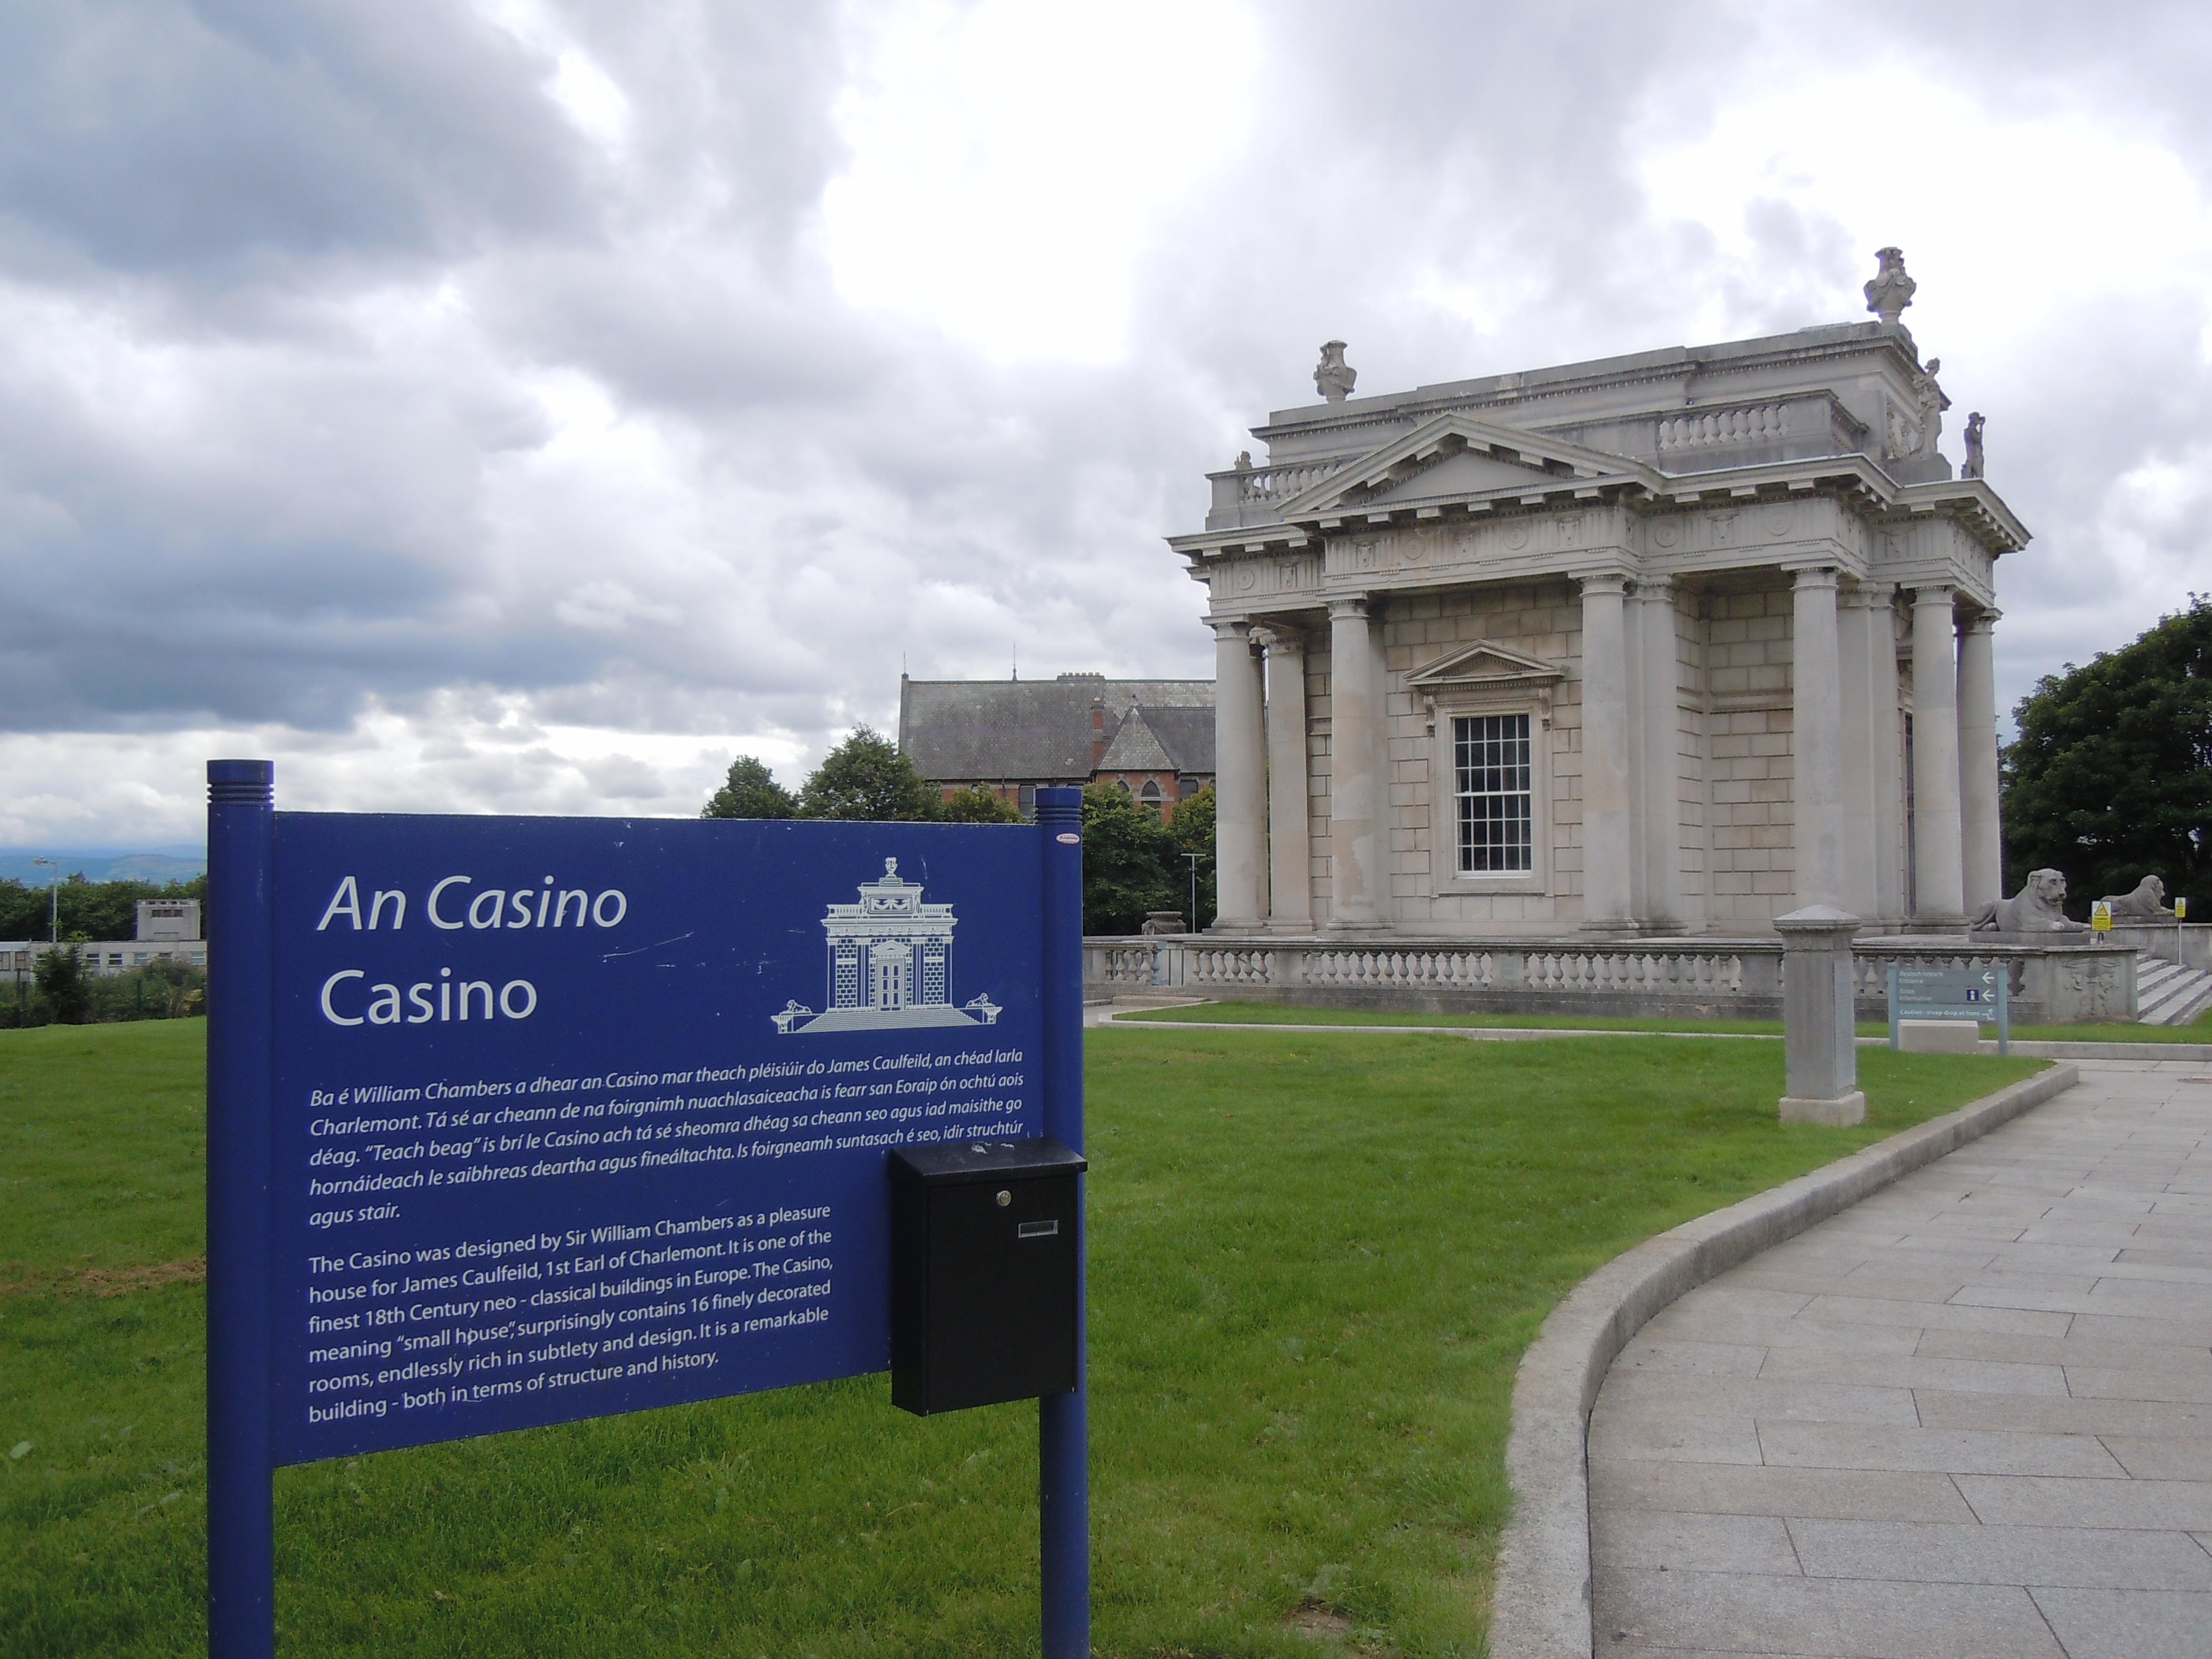 The casino malahide .com casino free game pogo